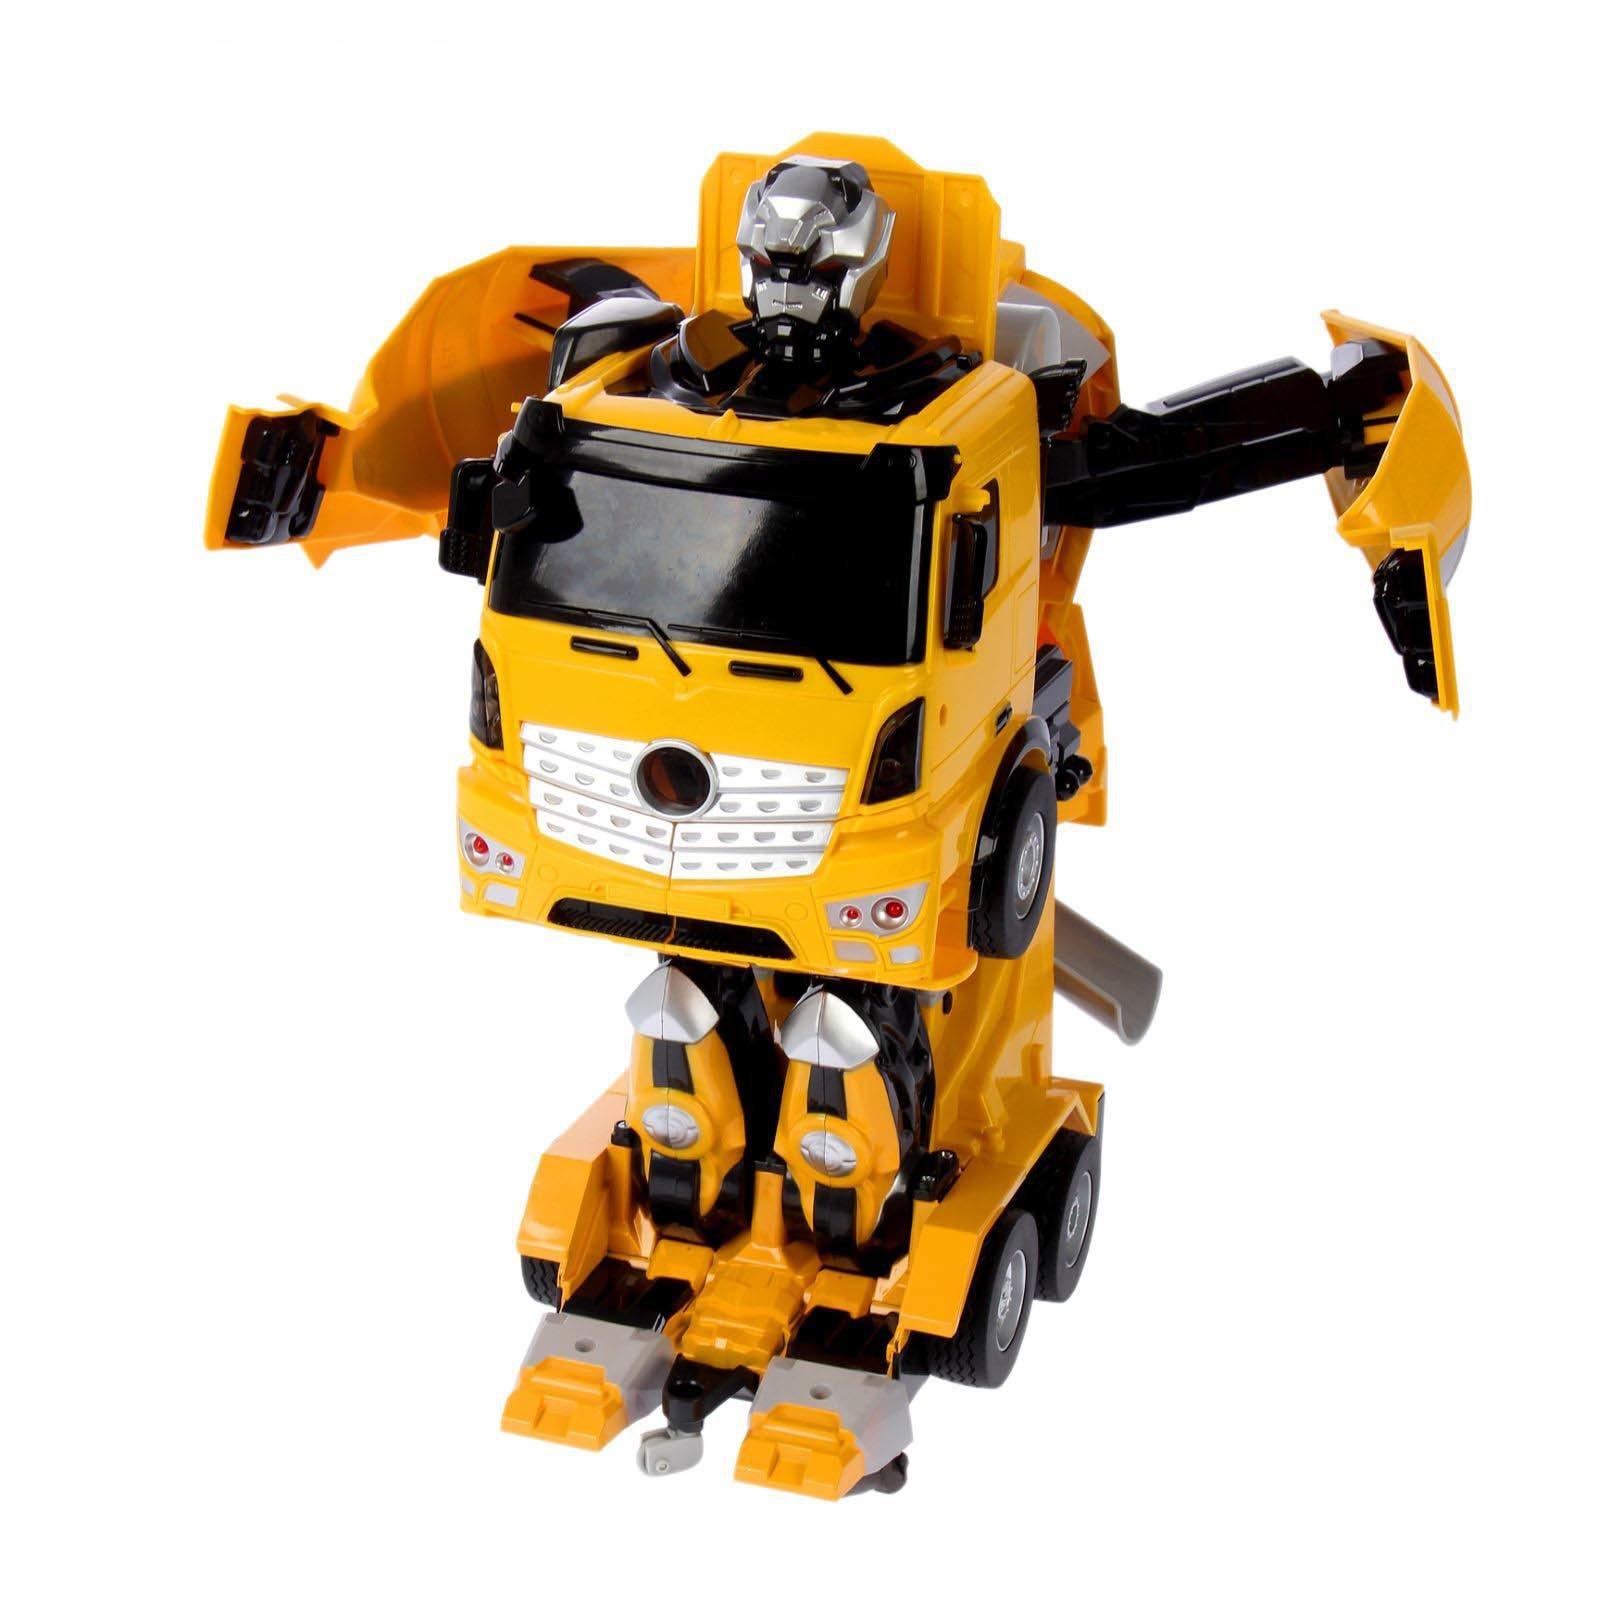 картинки роботов игрушек машинок точки